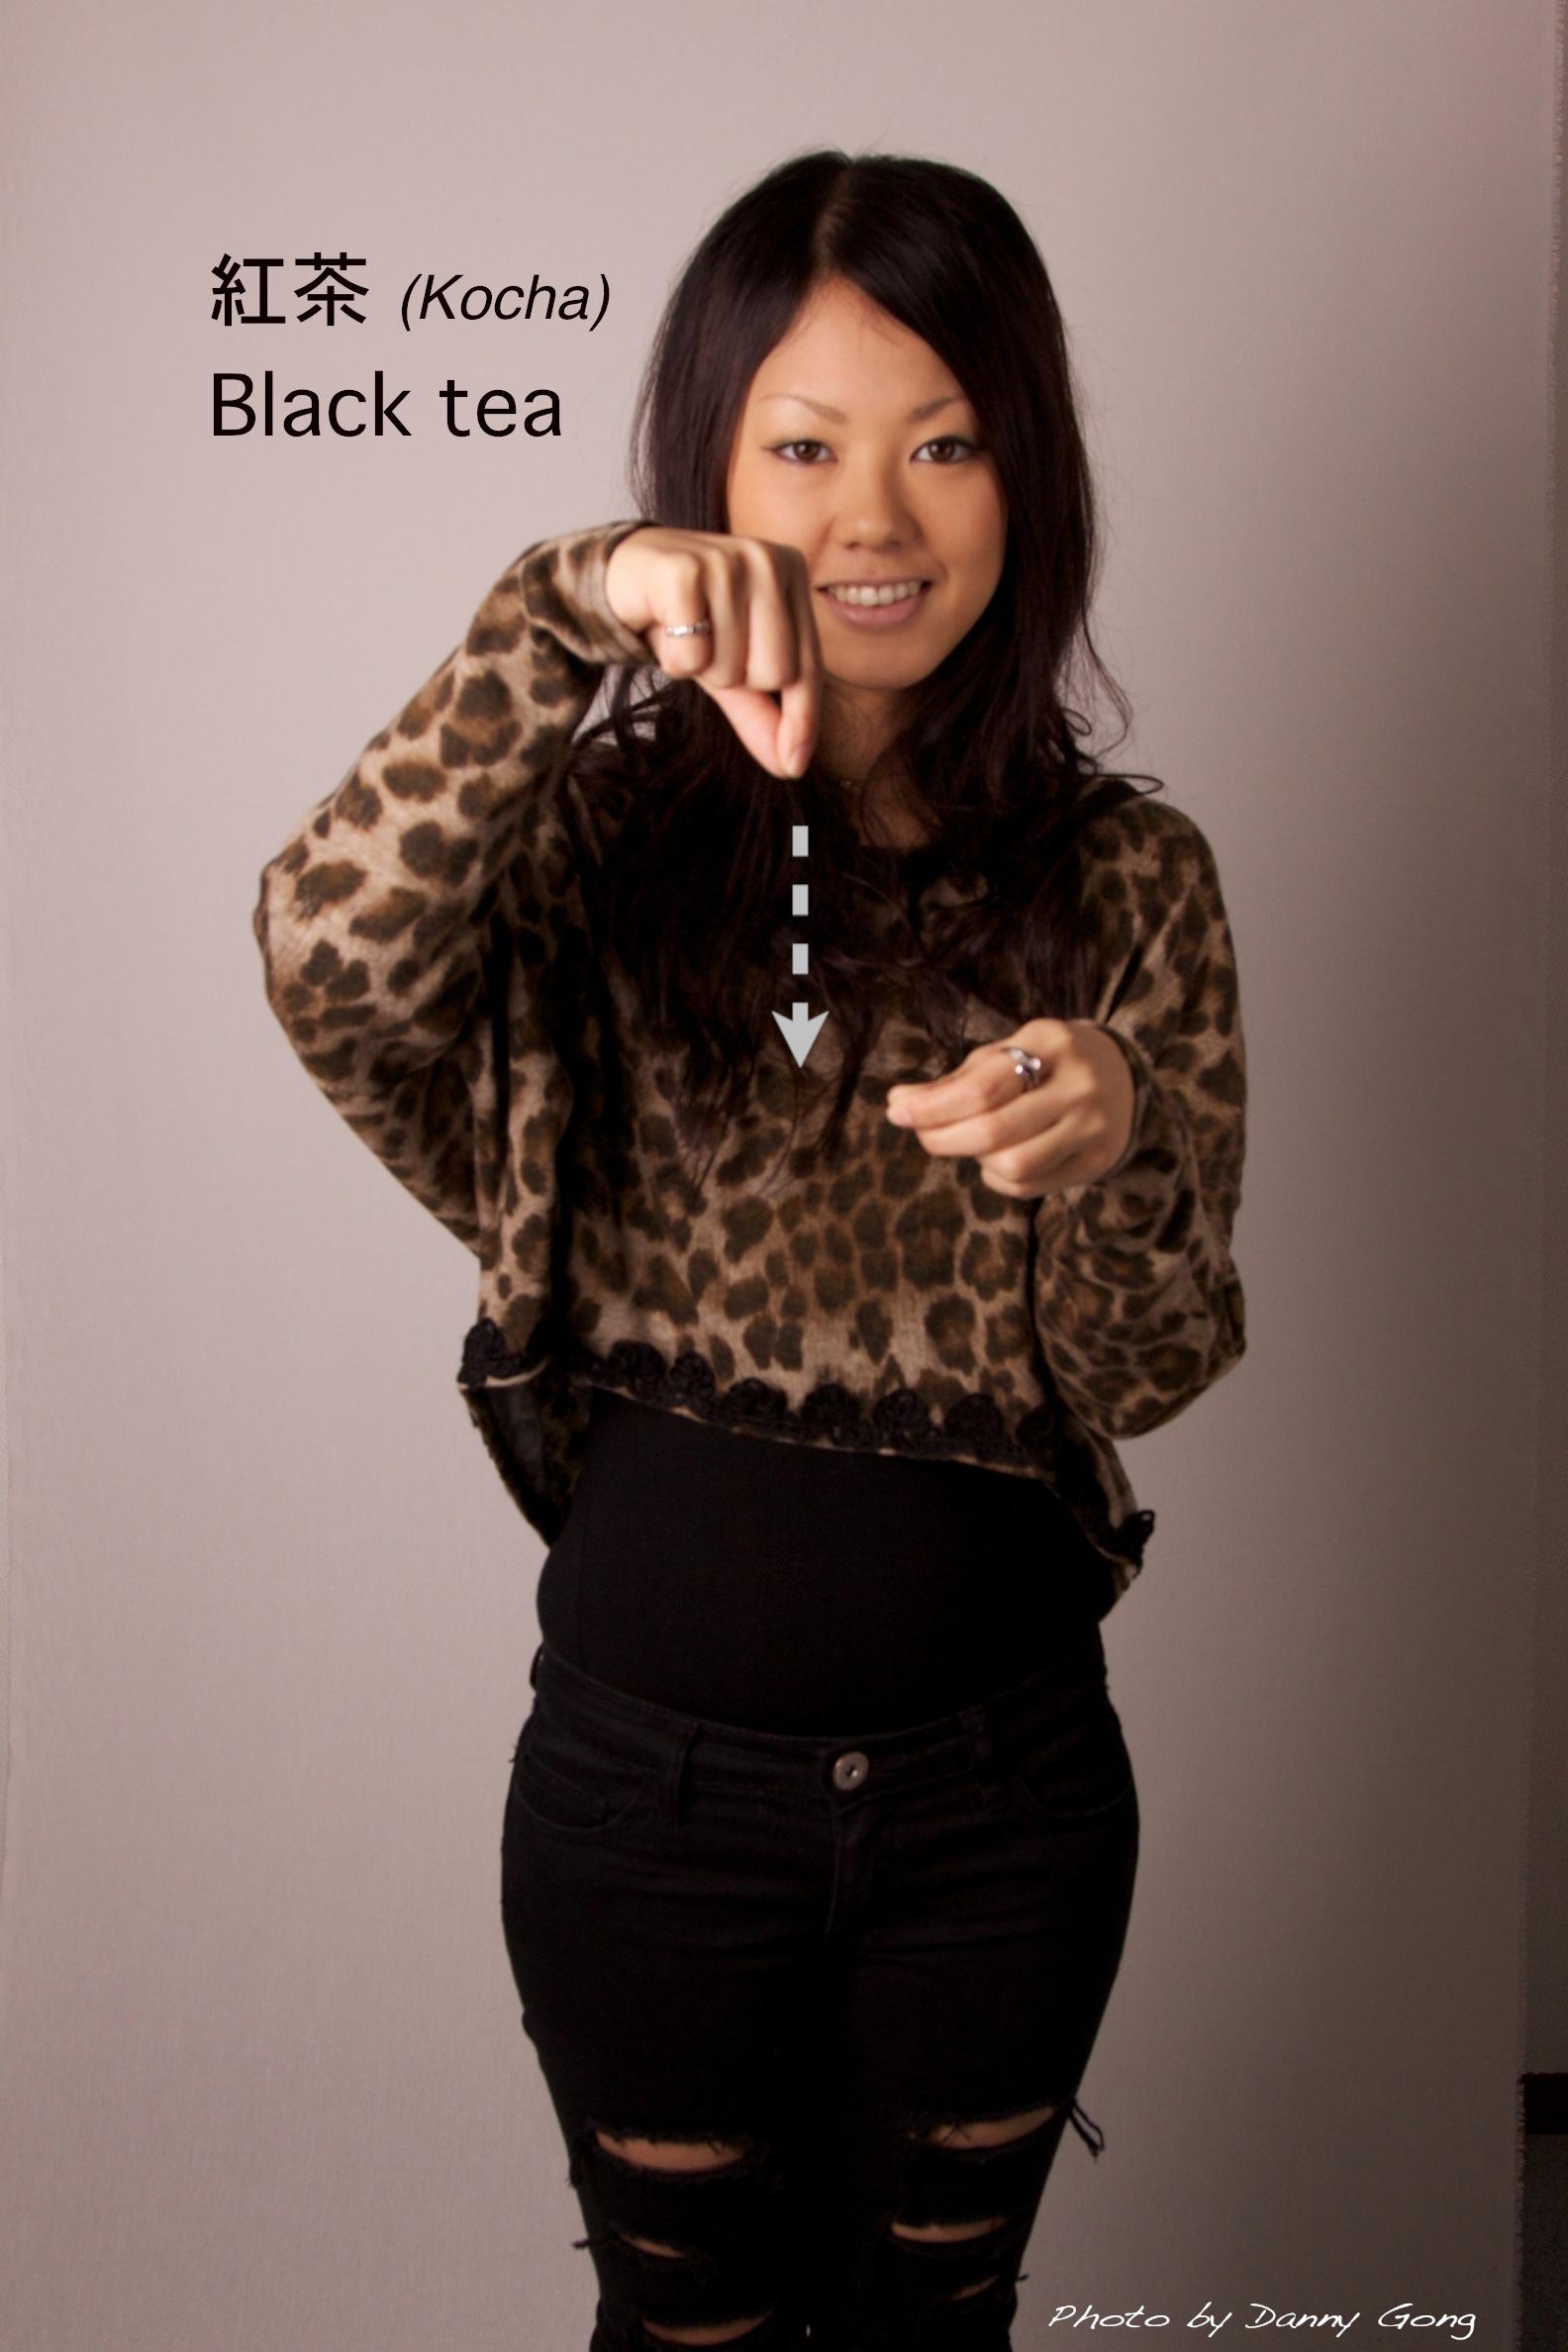 紅茶 (Kocha) Tea